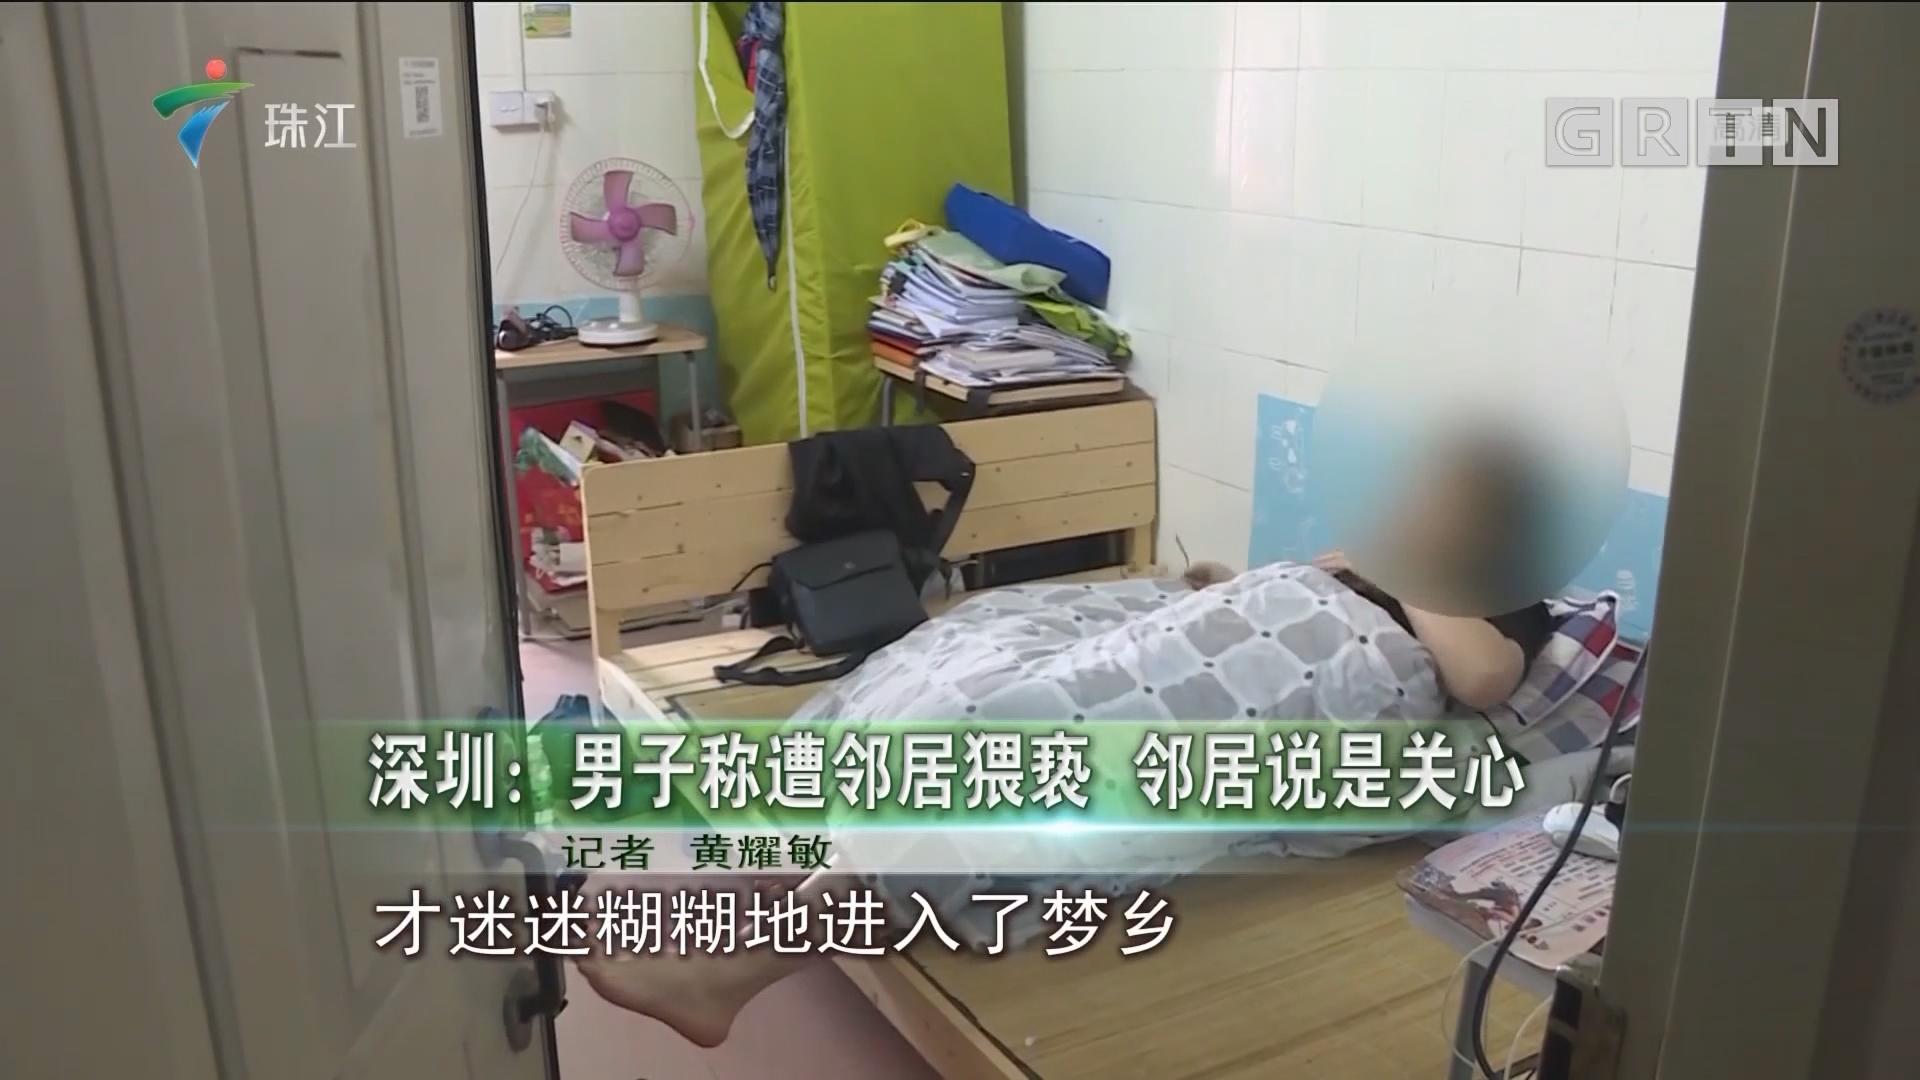 深圳:男子称遭邻居猥亵 邻居说是关心